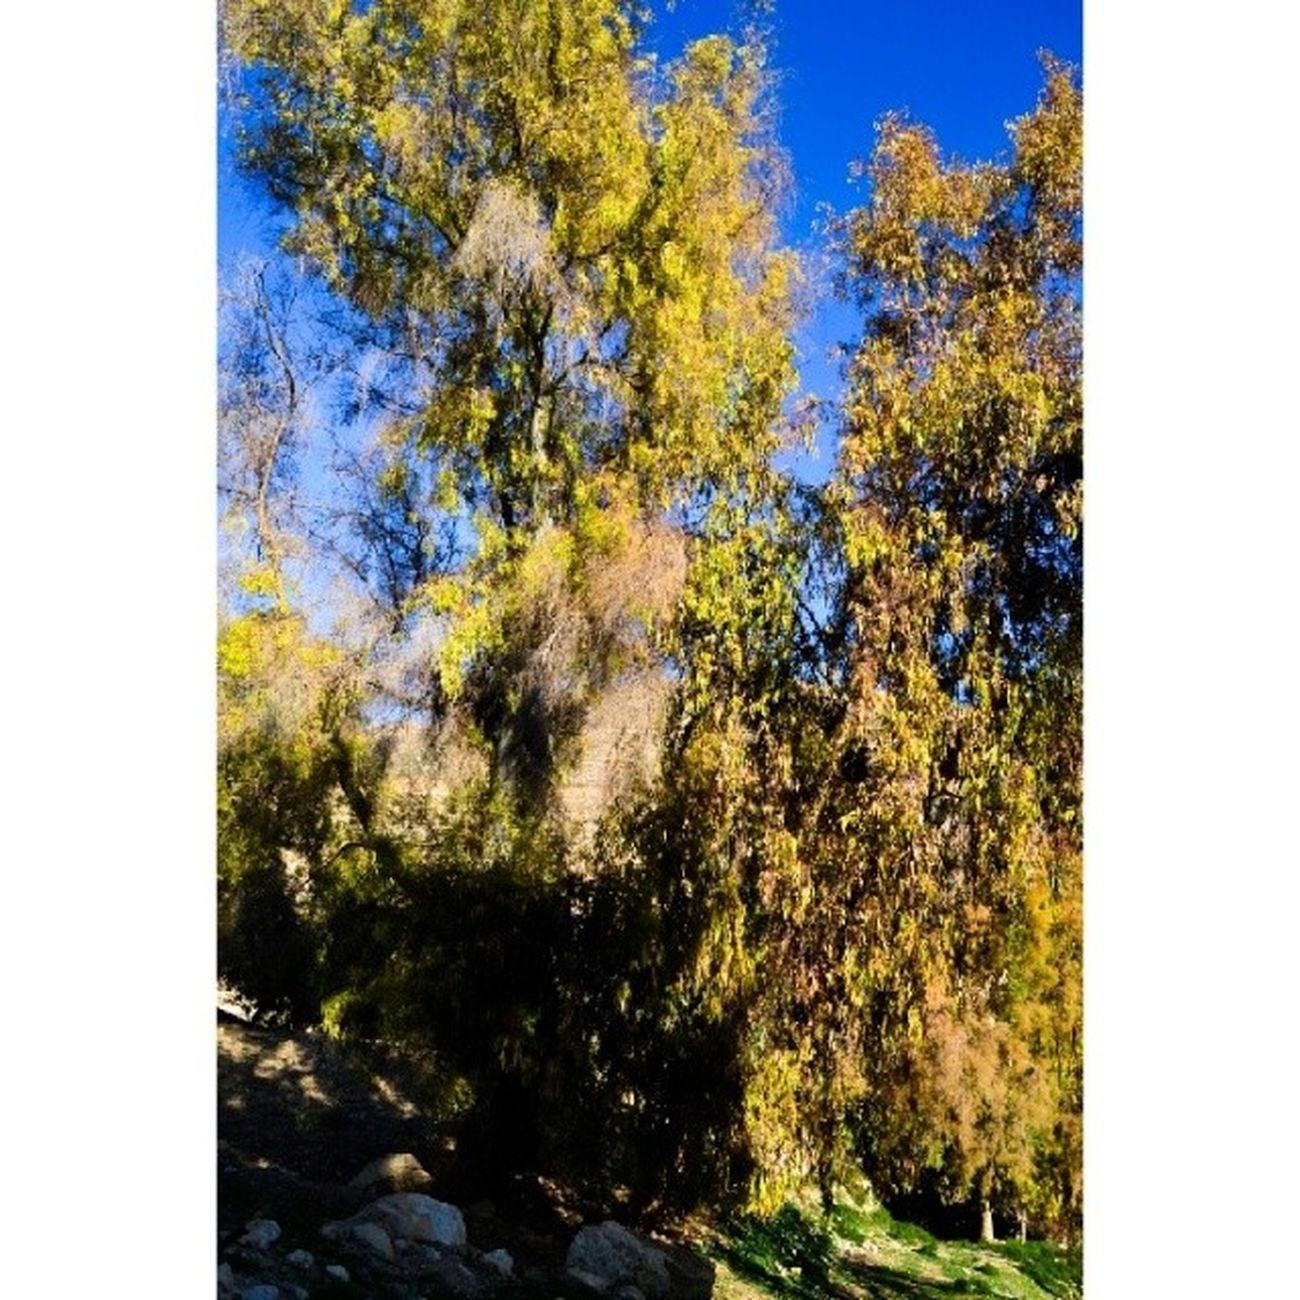 شجر اخضر طبيعة رميمين الاردن عين_الباشا السلط ورق_شجر tree leaves jordan alsalt ainalbasha naturebeauty nature land beautifuljordan beautifulnature beautifulland beautifulearth